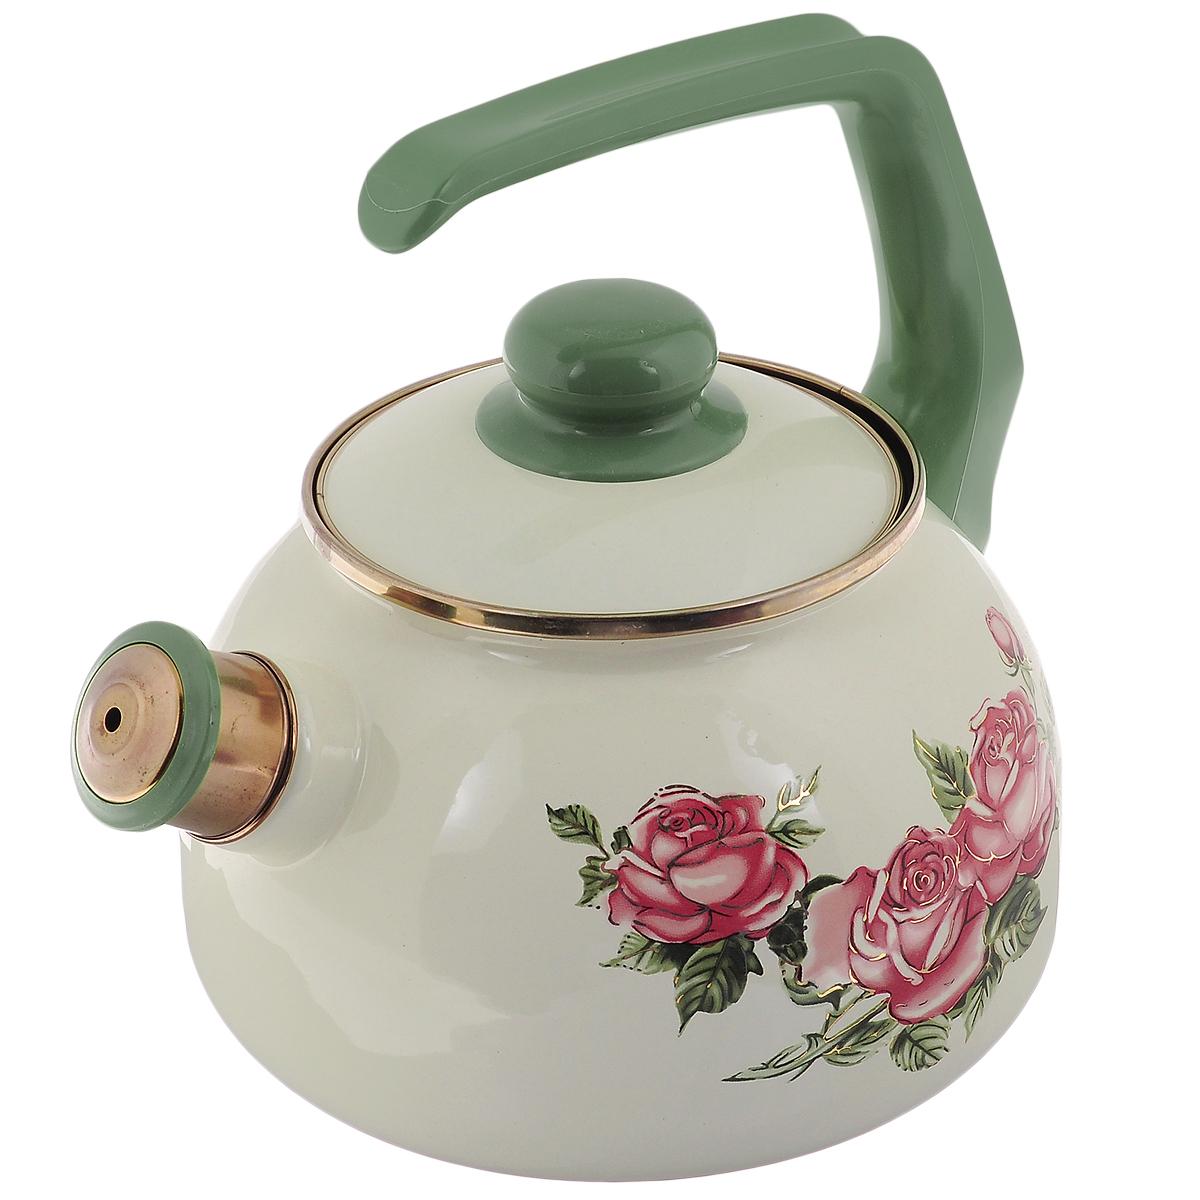 """Чайник Metrot """"Роза"""" выполнен из высококачественной стали, что обеспечивает долговечность использования. Внешнее цветное эмалевое покрытие придает приятный внешний вид. Бакелитовая фиксированная ручка делает использование чайника очень удобным и безопасным. Чайник снабжен съемным свистком.  Можно мыть в посудомоечной машине. Пригоден для всех видов плит, включая индукционные.  Высота чайника (без учета крышки и ручки): 13 см. Диаметр (по верхнему краю): 13 см."""